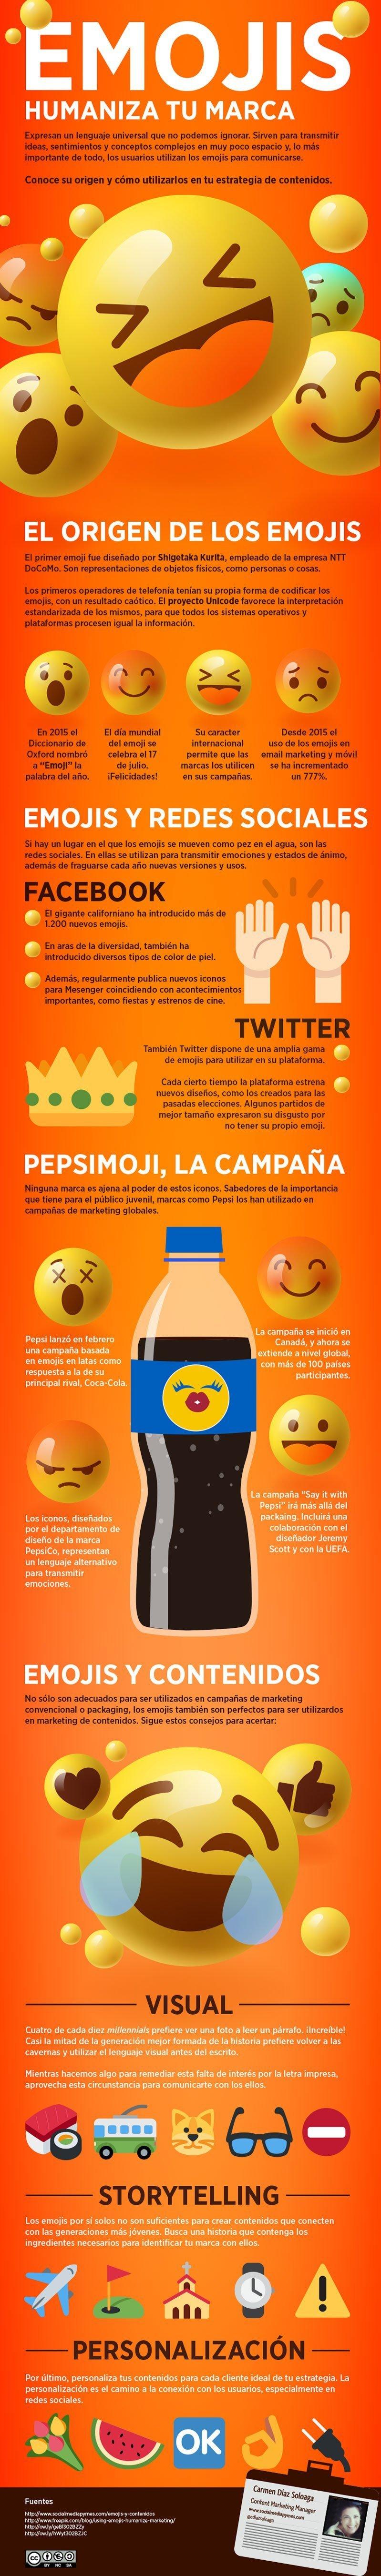 Los emojis también son muy útiles para humanizar tu marca